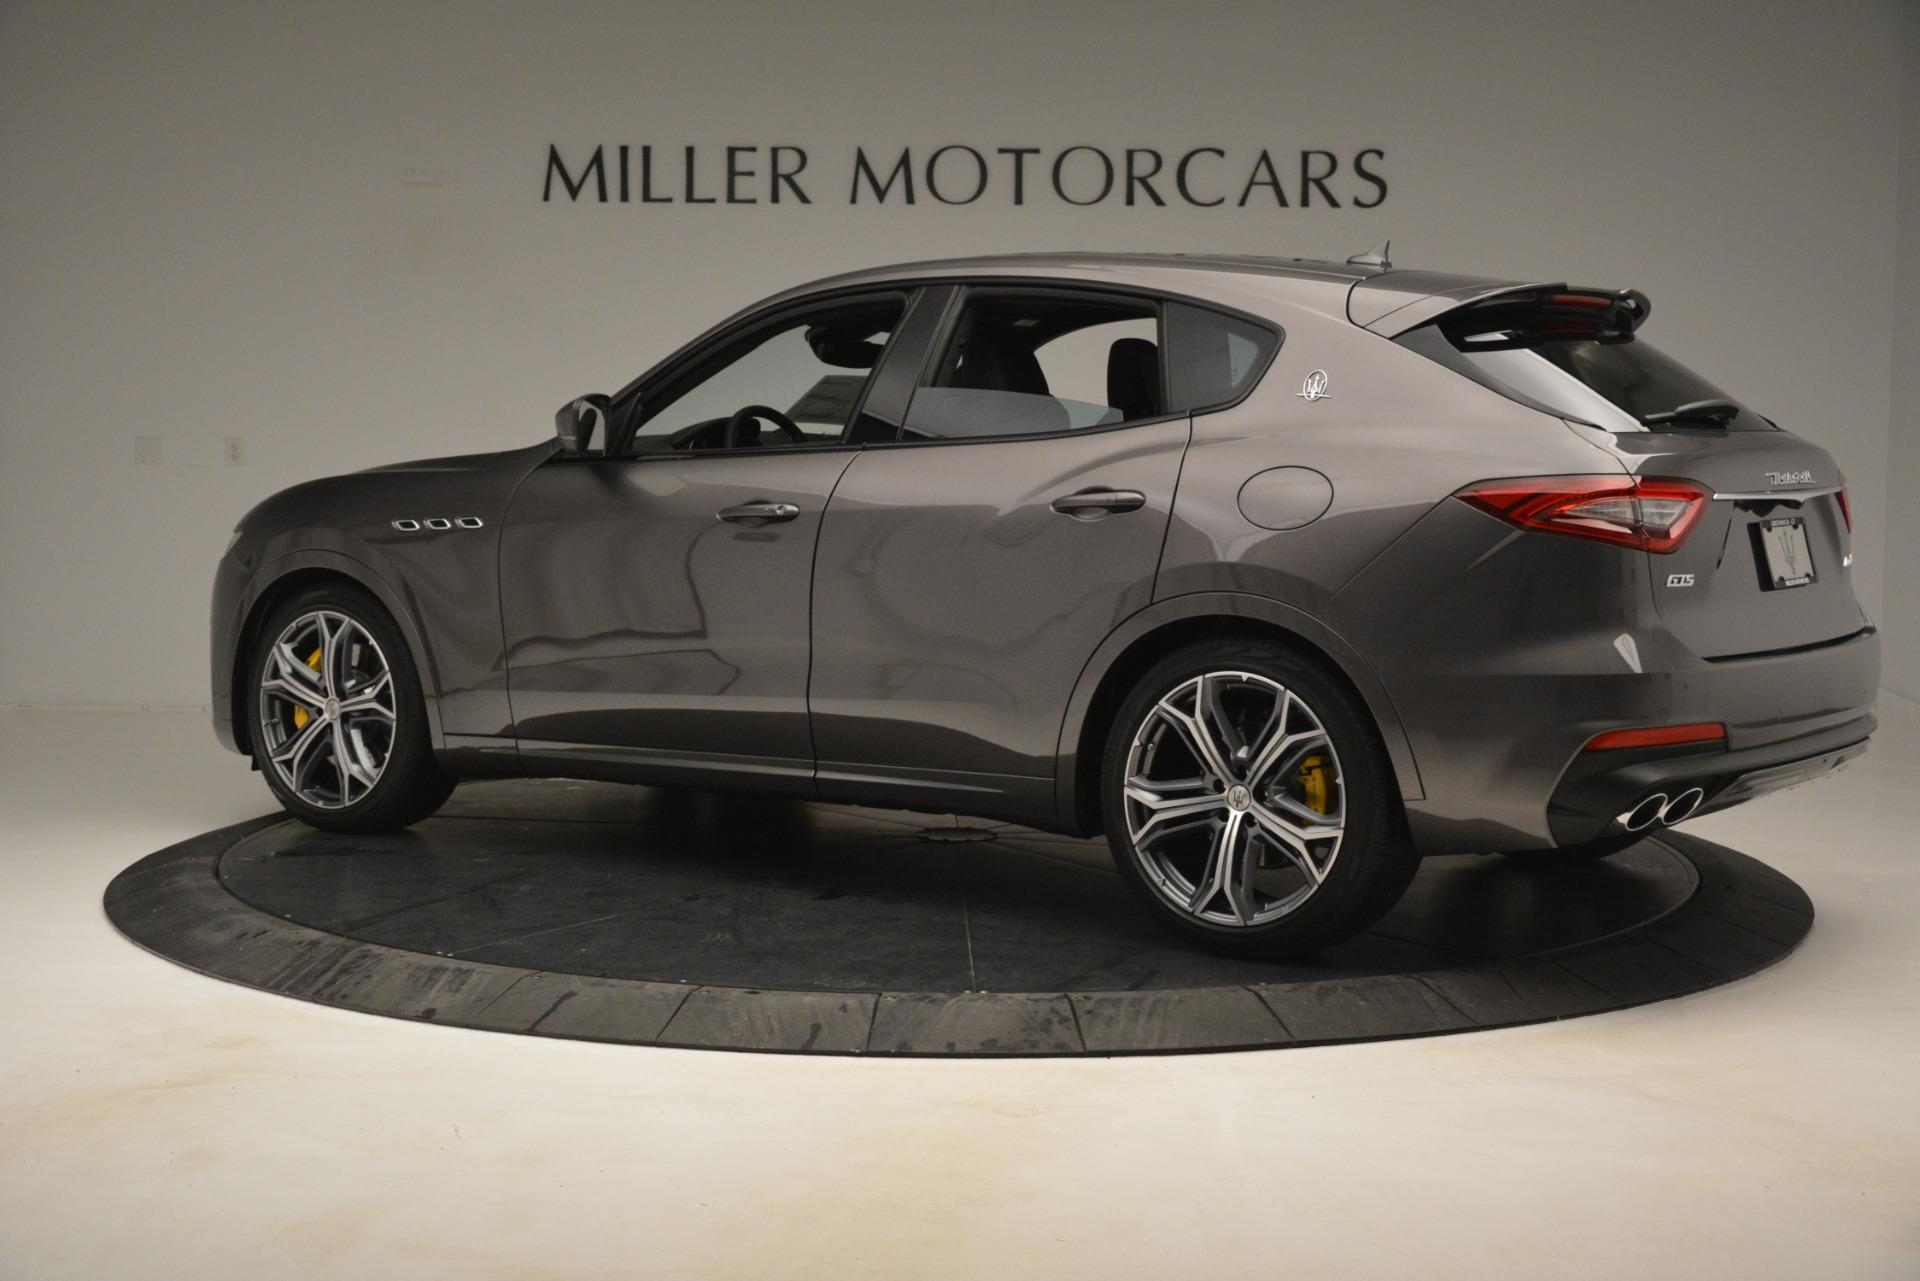 New 2019 Maserati Levante GTS For Sale In Greenwich, CT 3015_p4